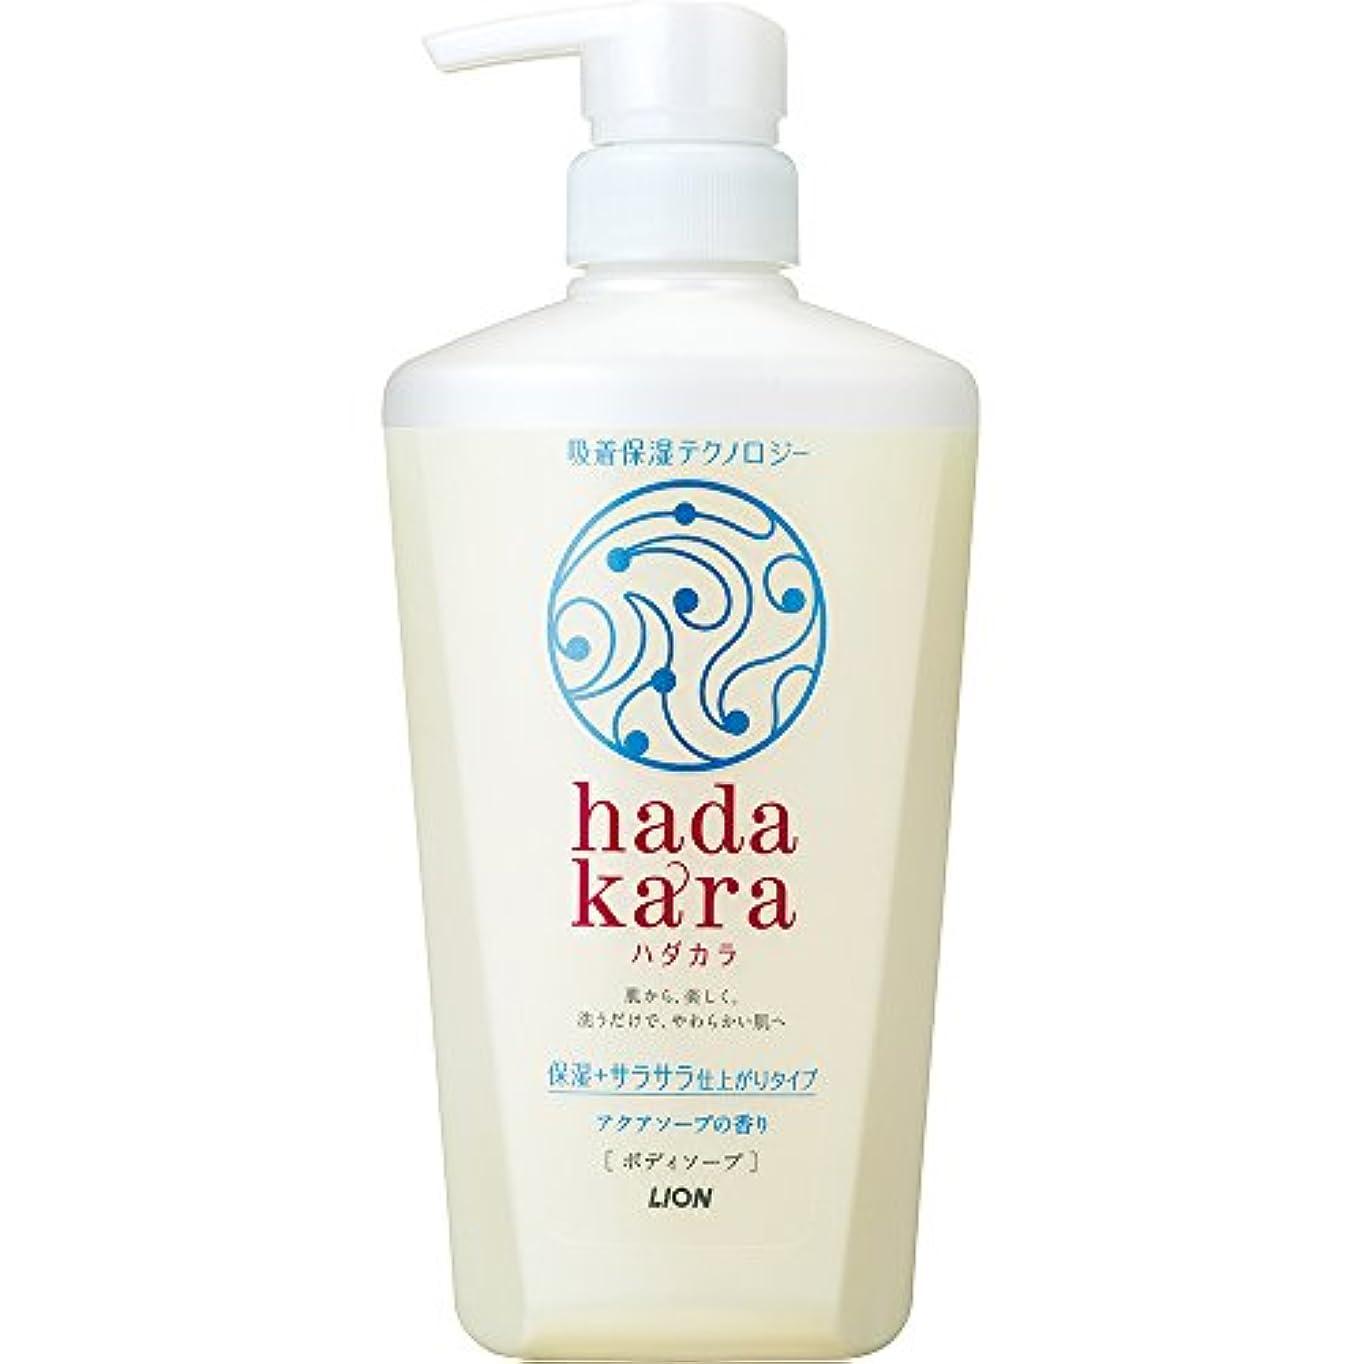 拮抗する失旅行代理店hadakara(ハダカラ) ボディソープ 保湿+サラサラ仕上がりタイプ アクアソープの香り 本体 480ml